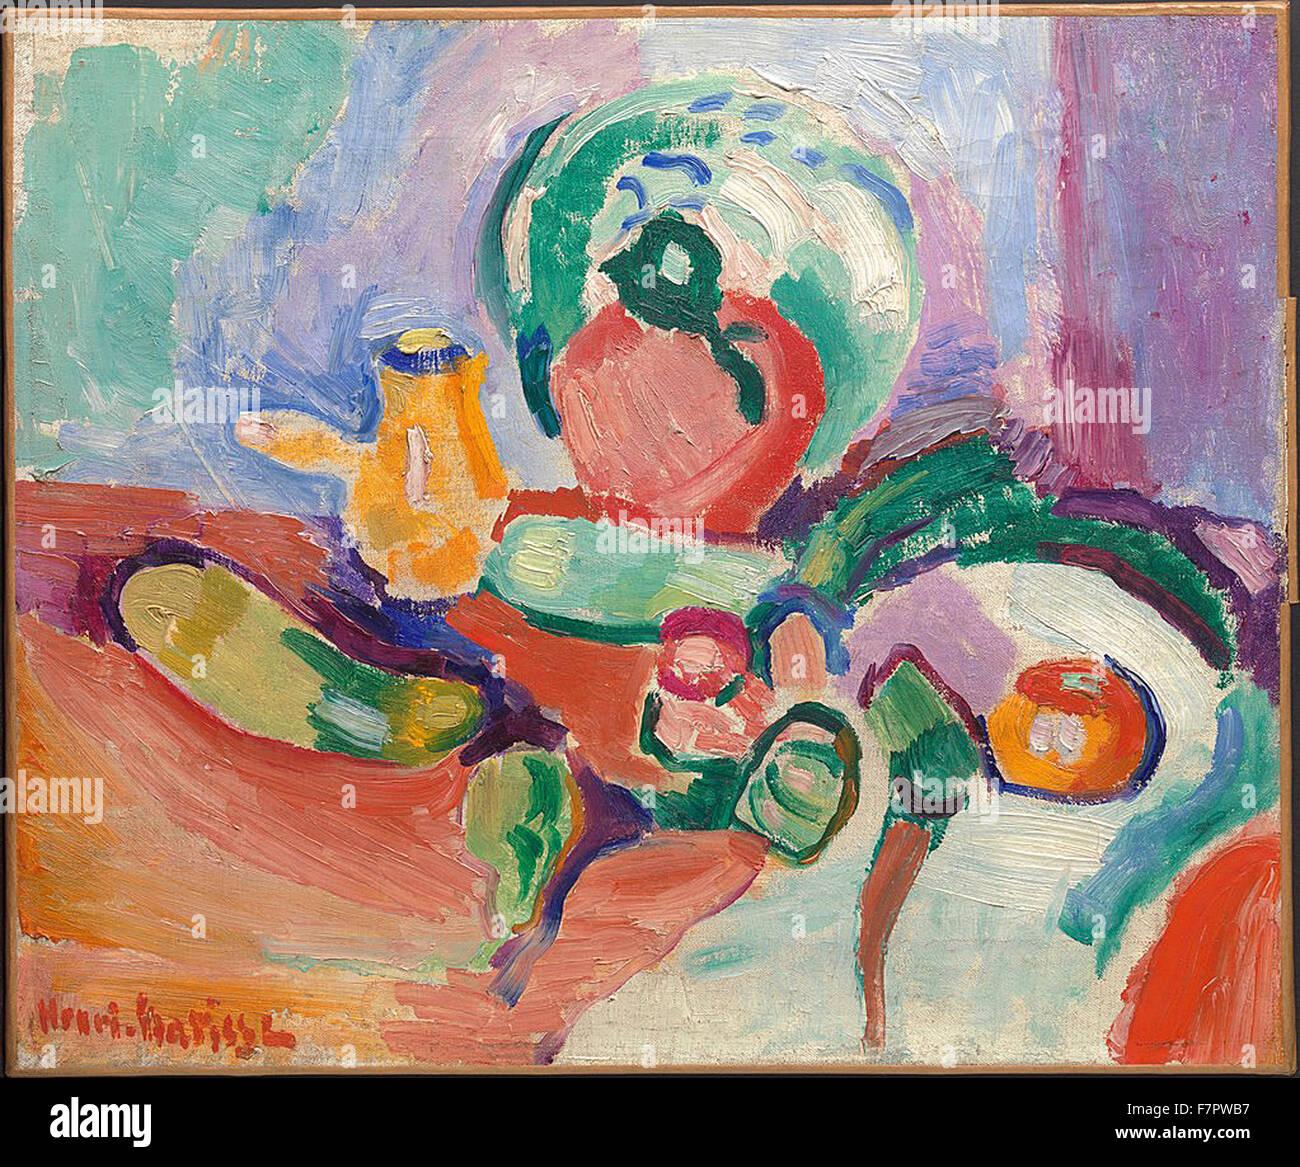 Henri Matisse - Bodegón con verduras Imagen De Stock